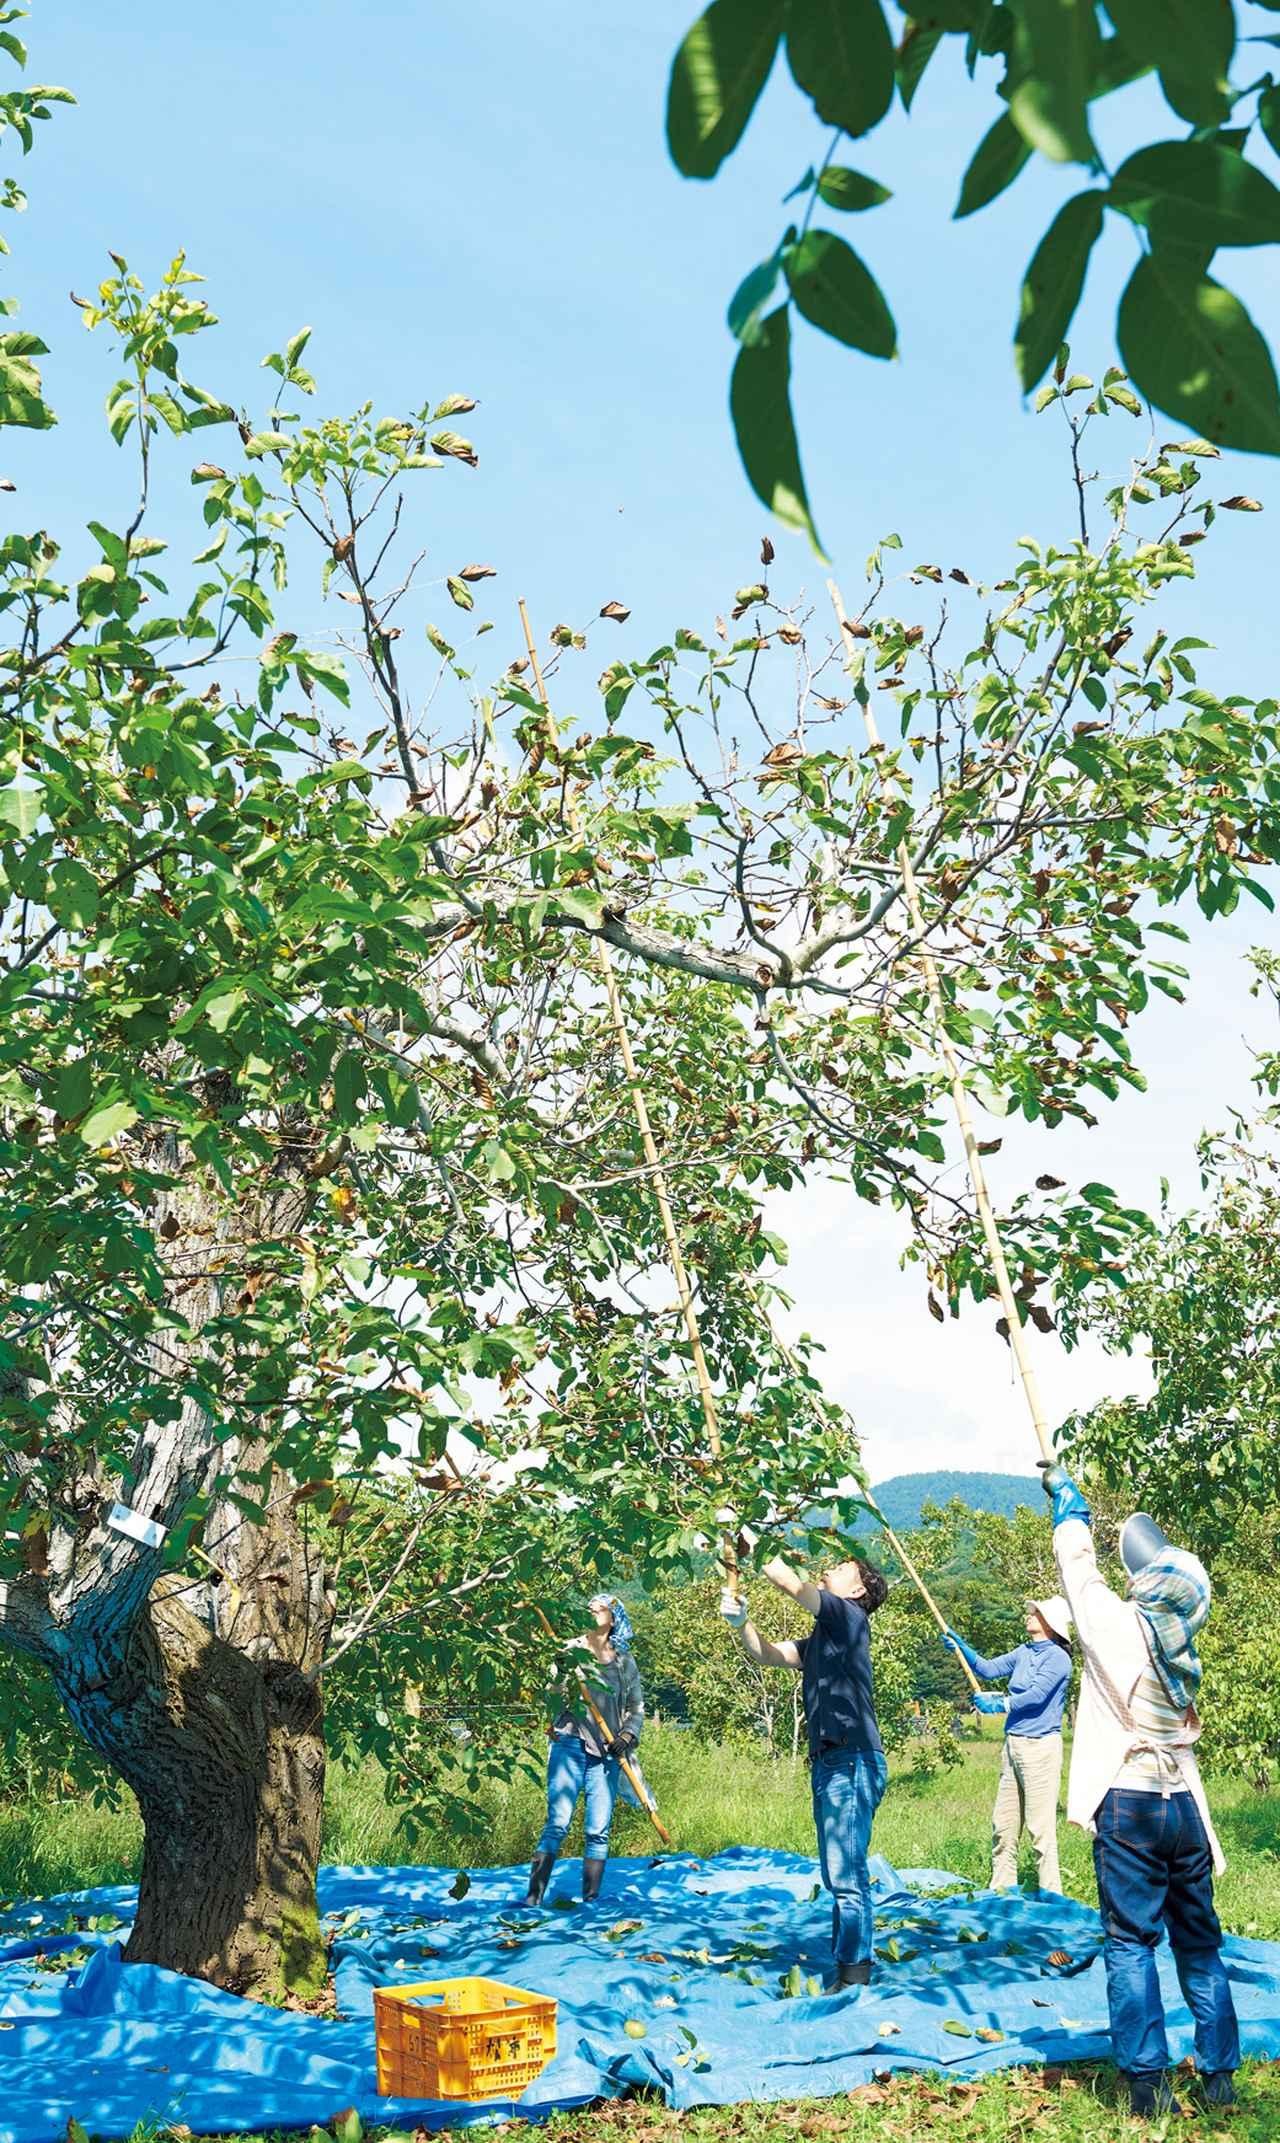 画像: 本来、20~30mあるというくるみの木を、「カットバック」という方法で、収穫や剪定がしやすい高さに調整している